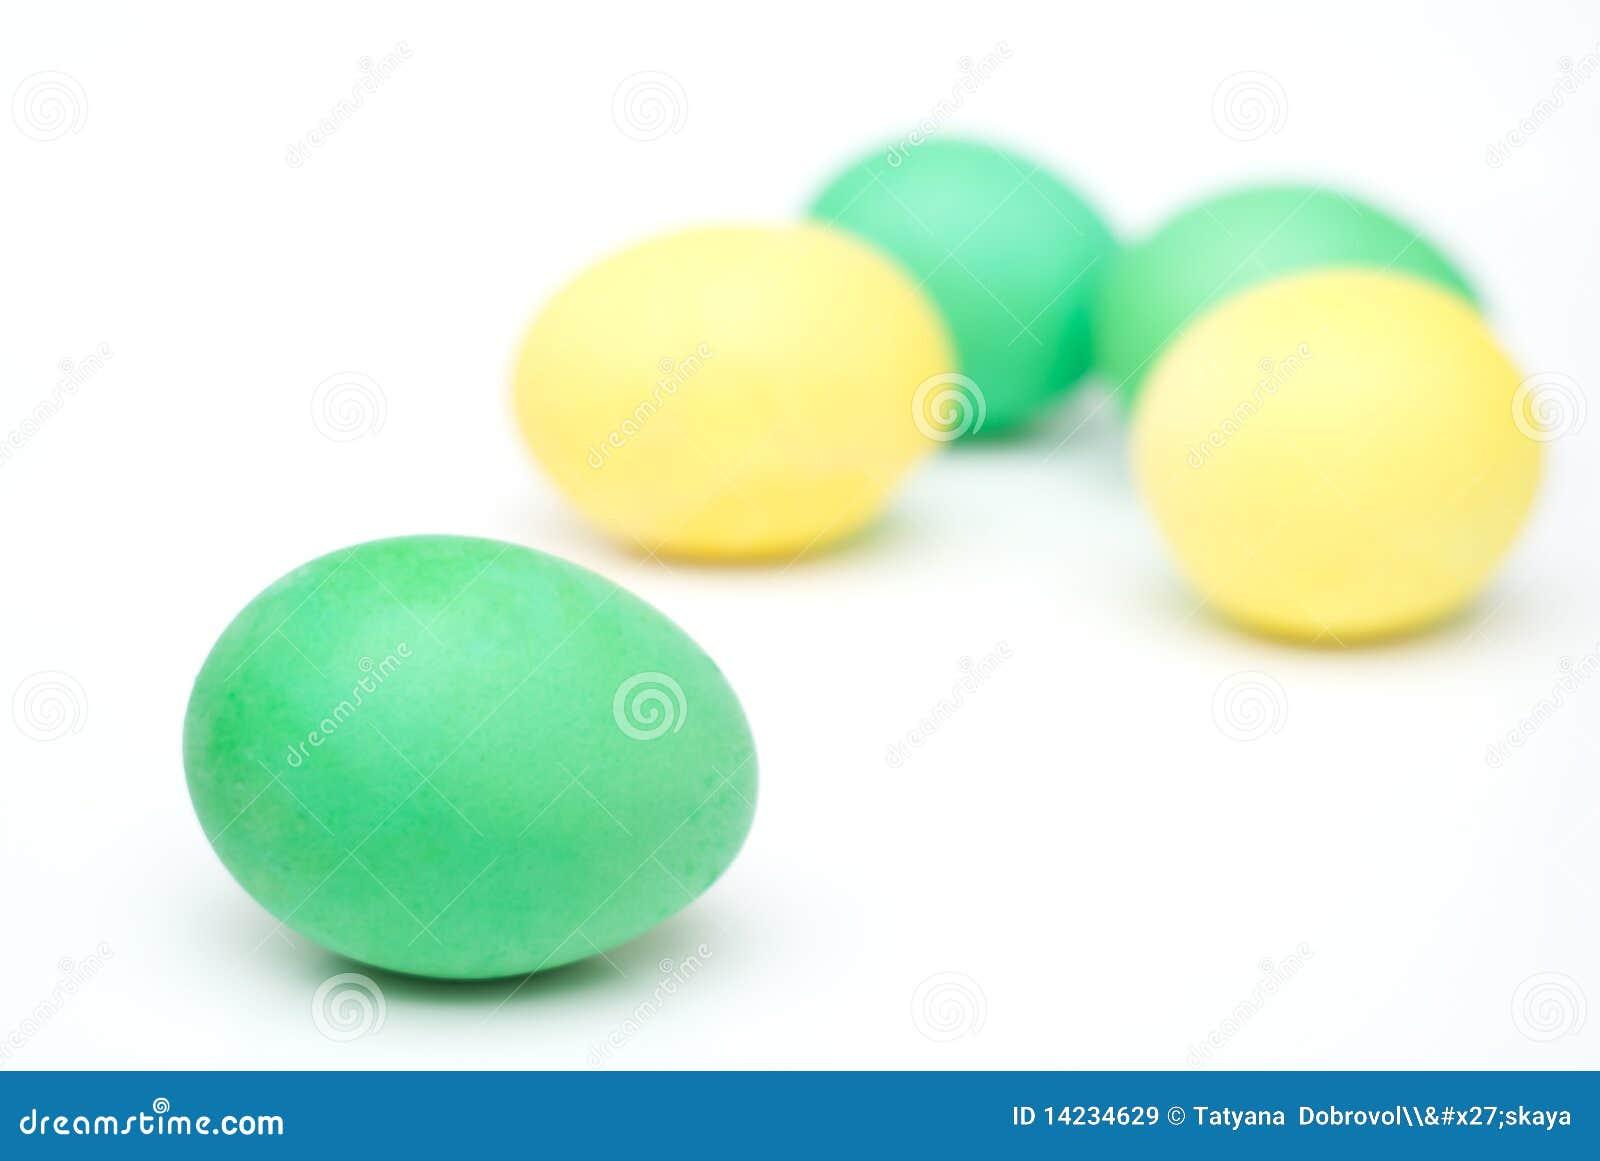 Huevos de Pascua amarillos y verdes aislados en blanco